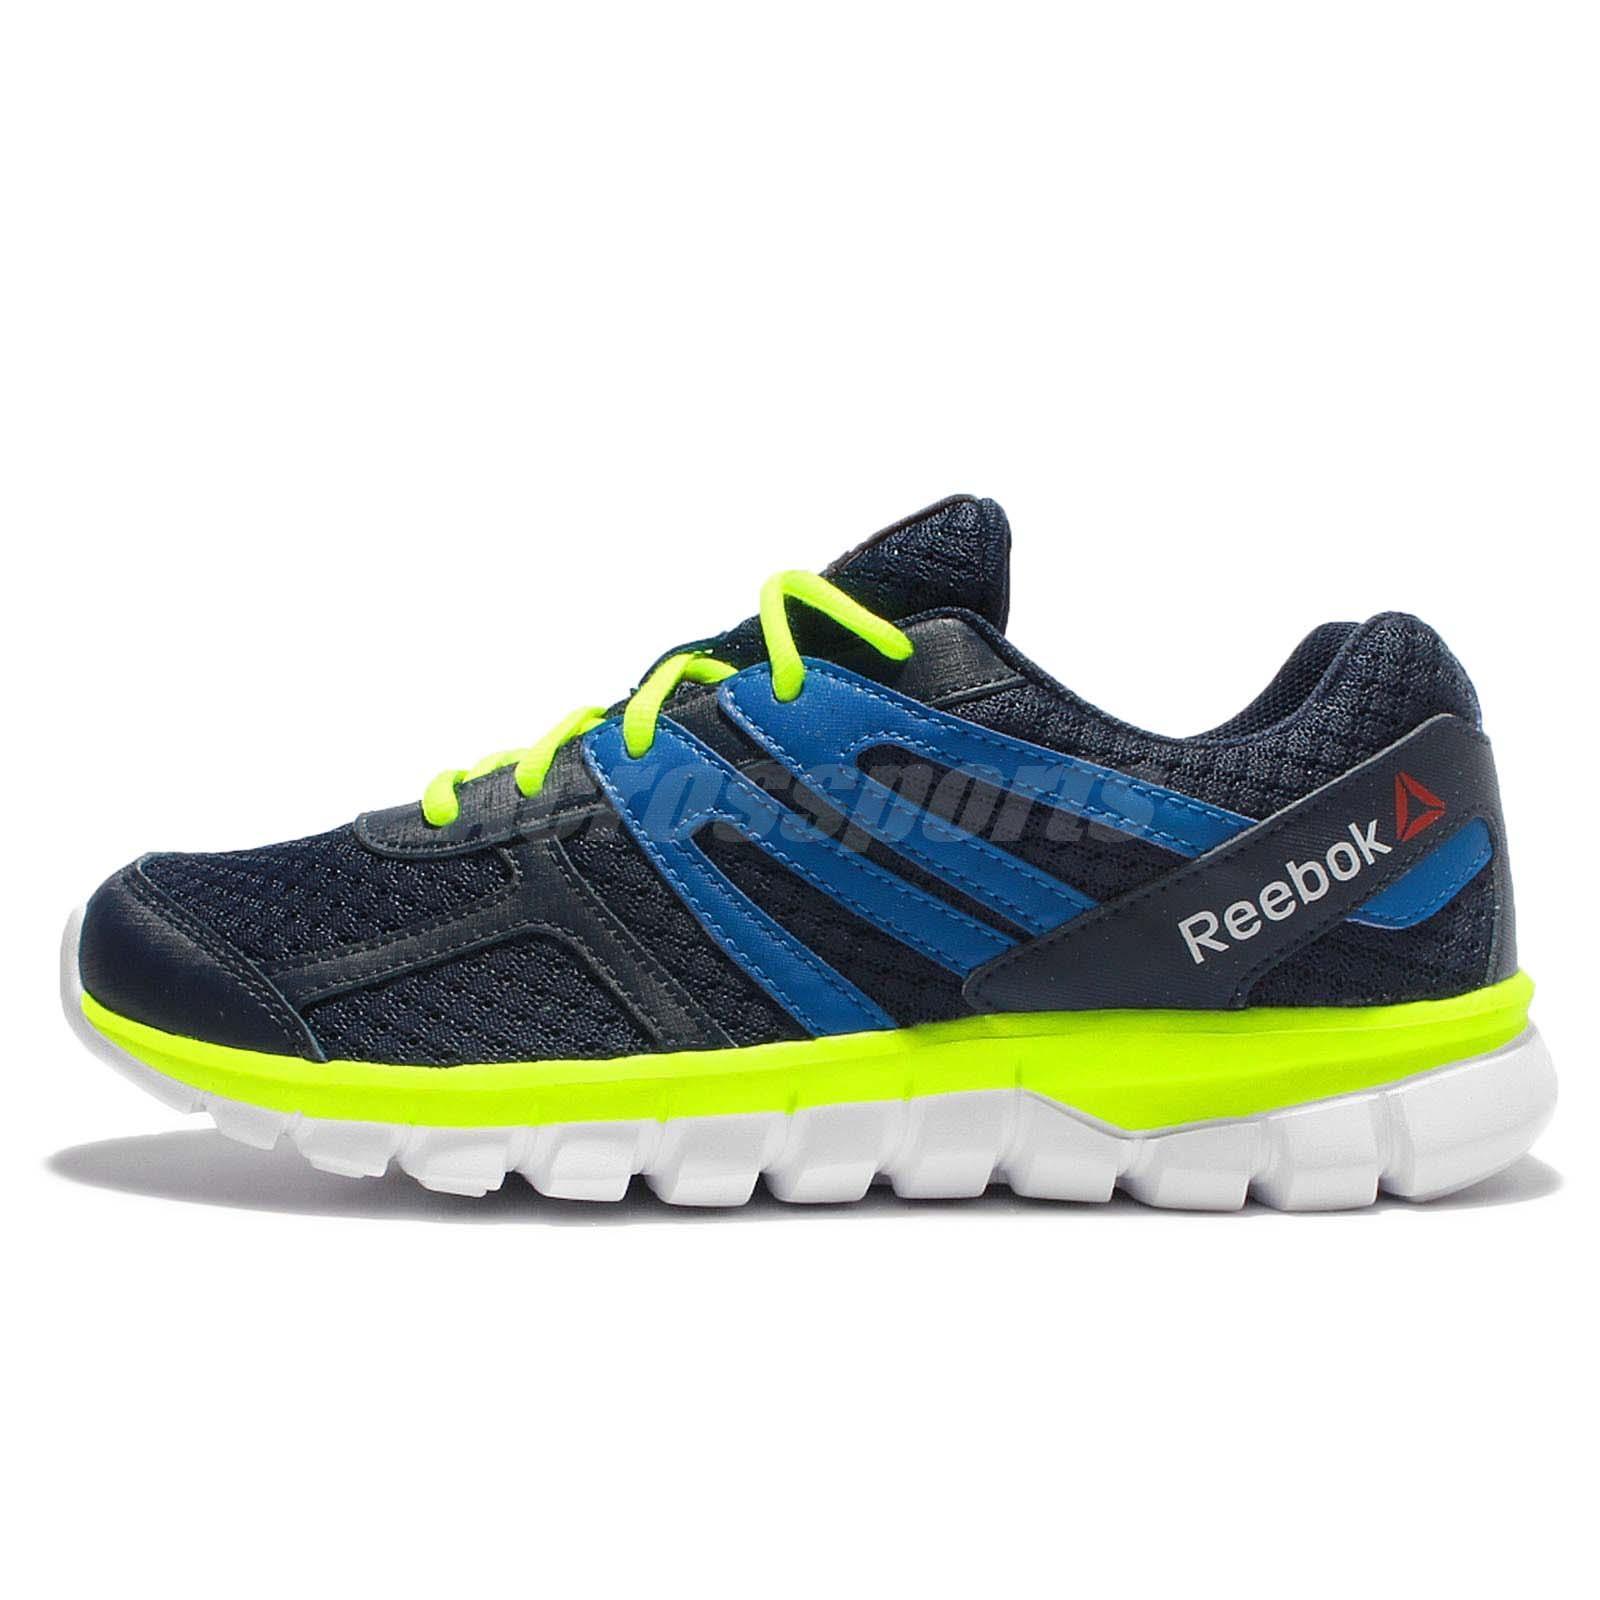 reebok shoes egypt